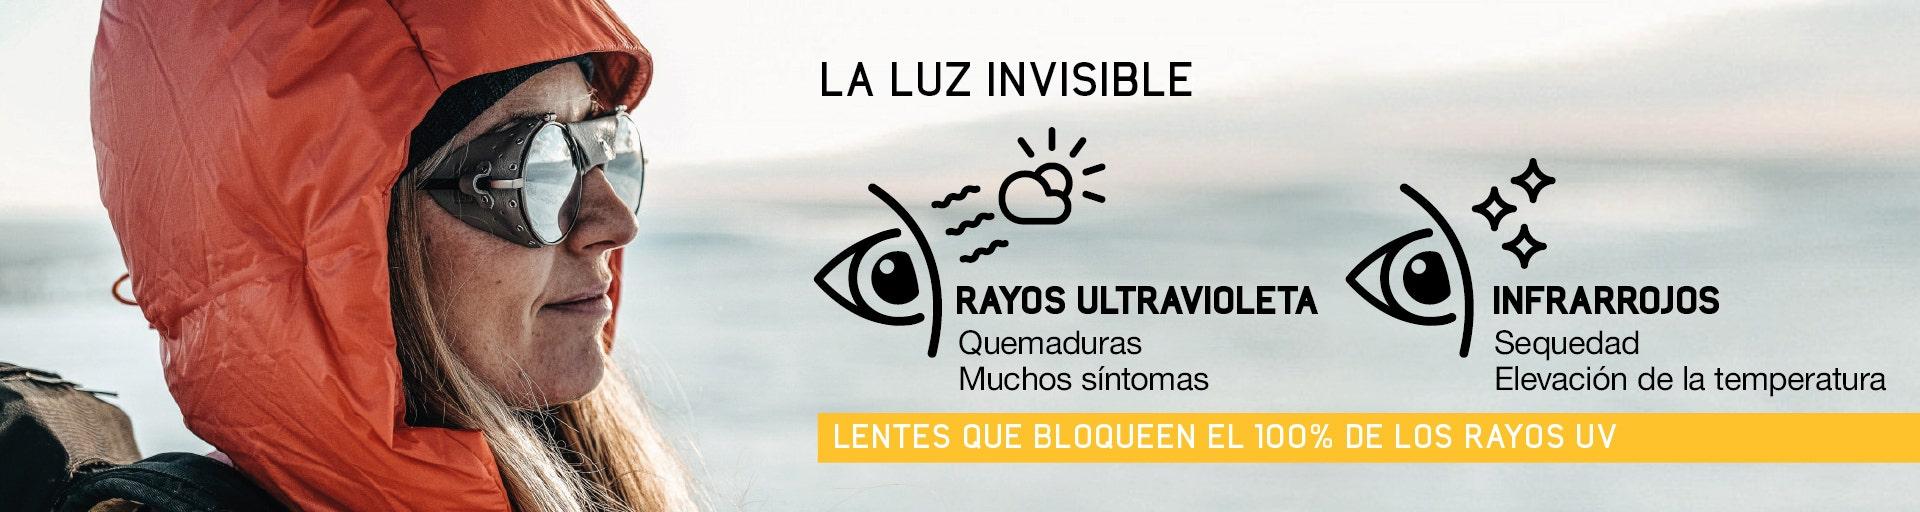 Luz invisible